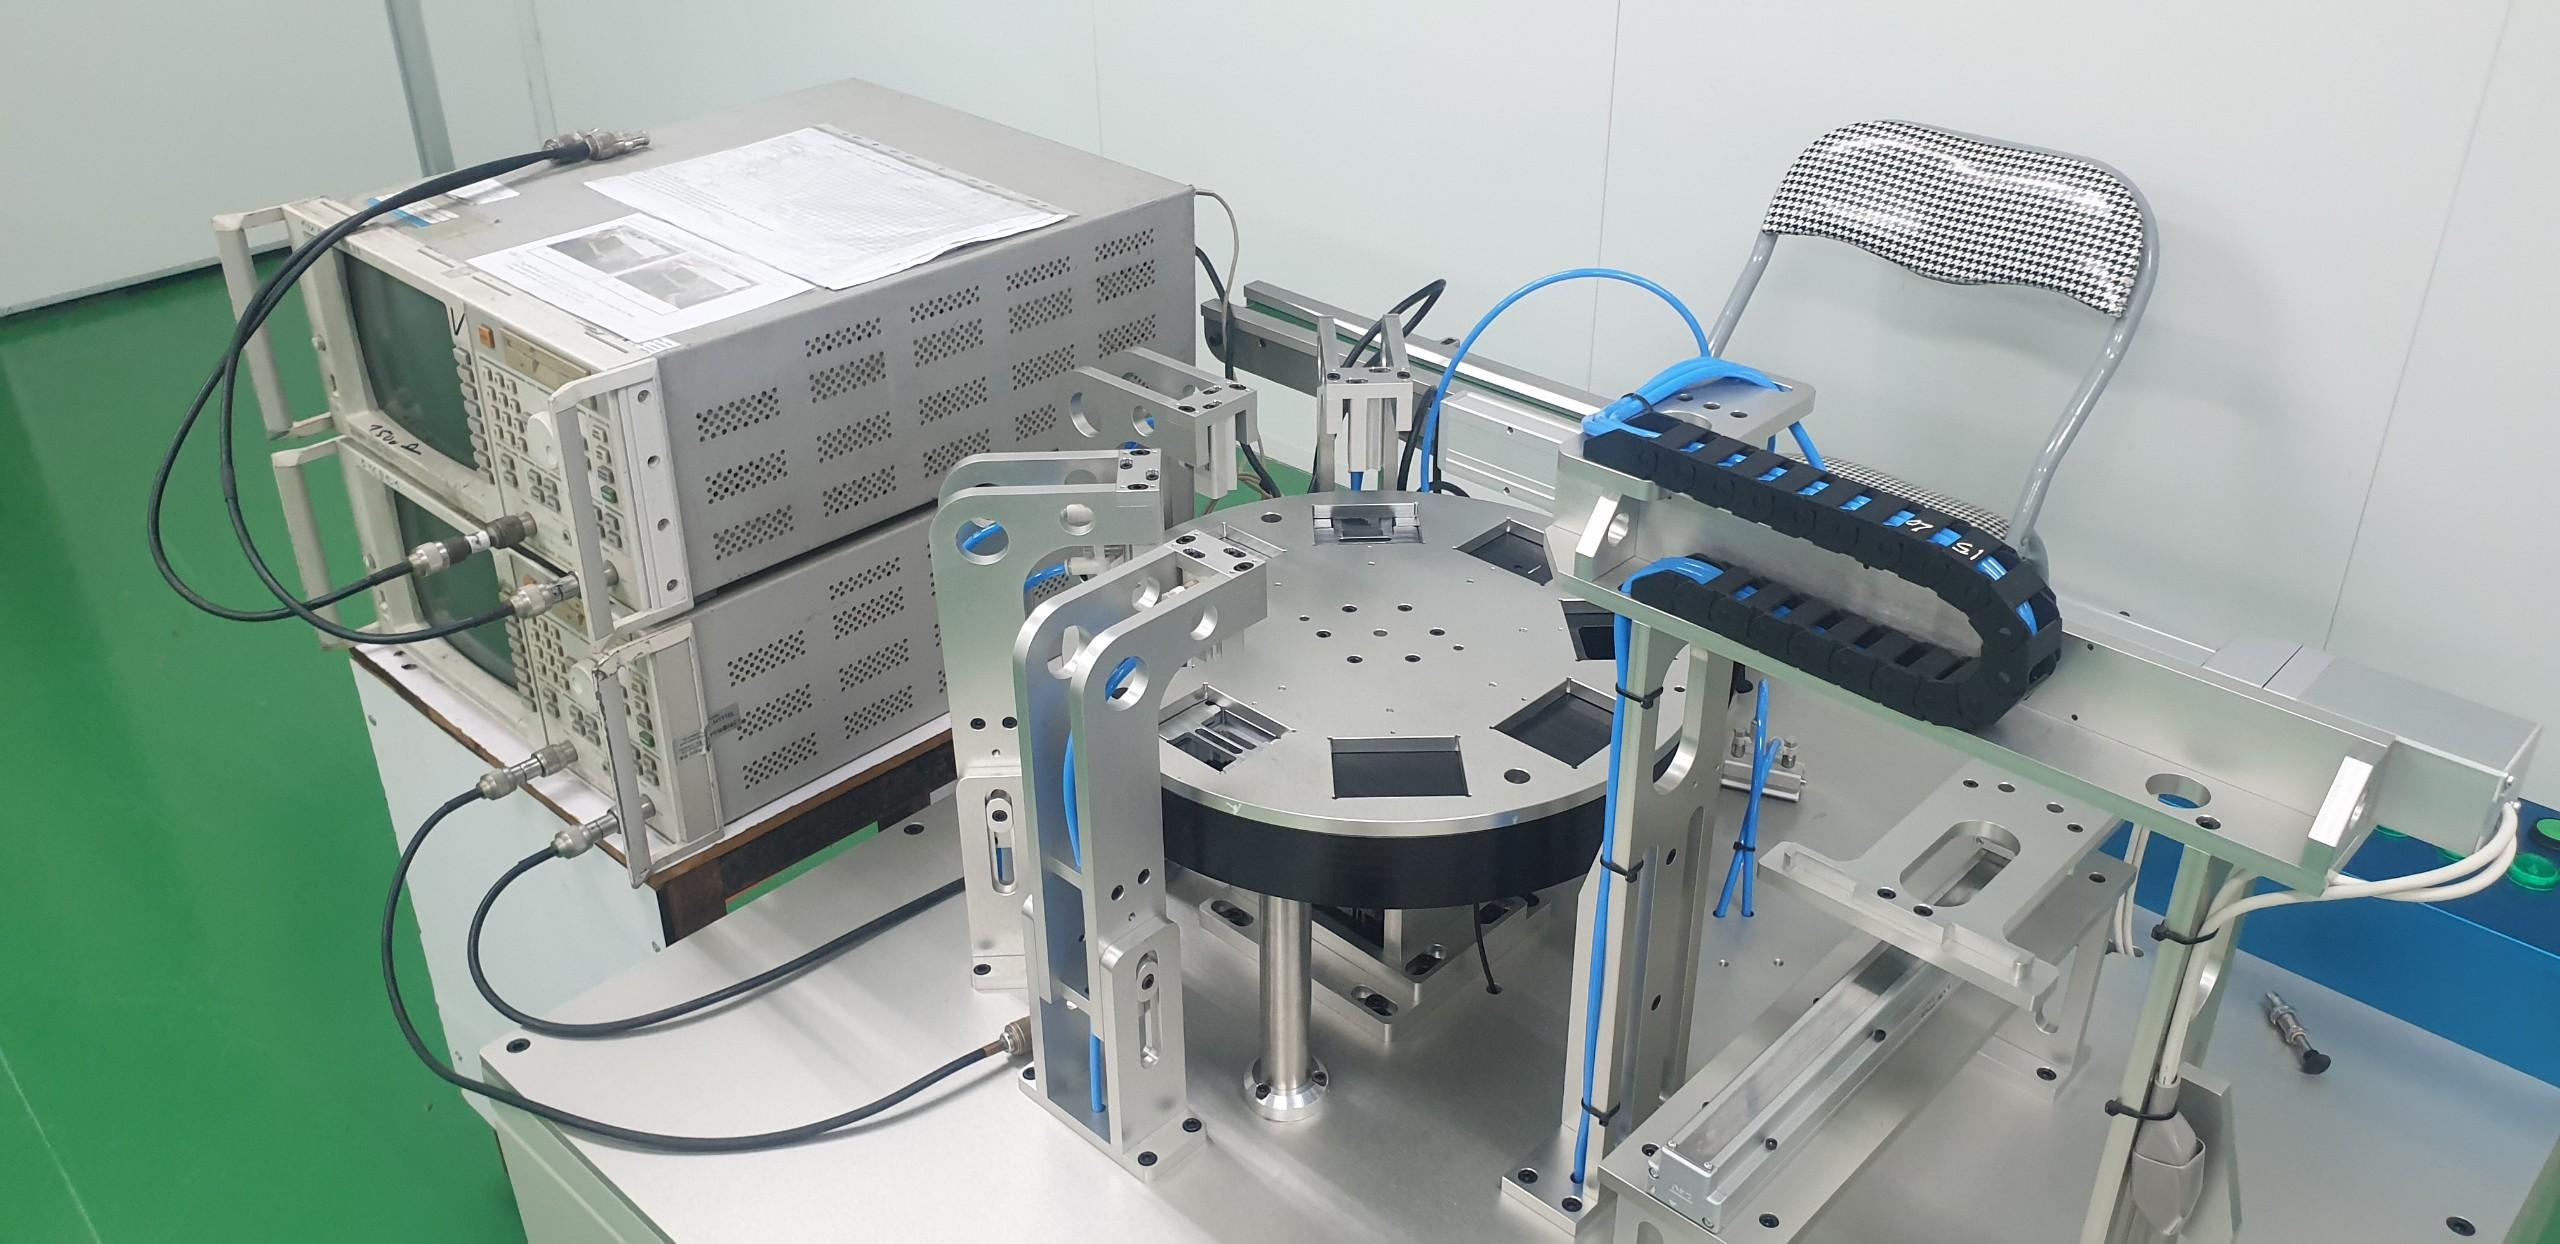 Máy kiểm tra phôi linh kiện điện tử tự động